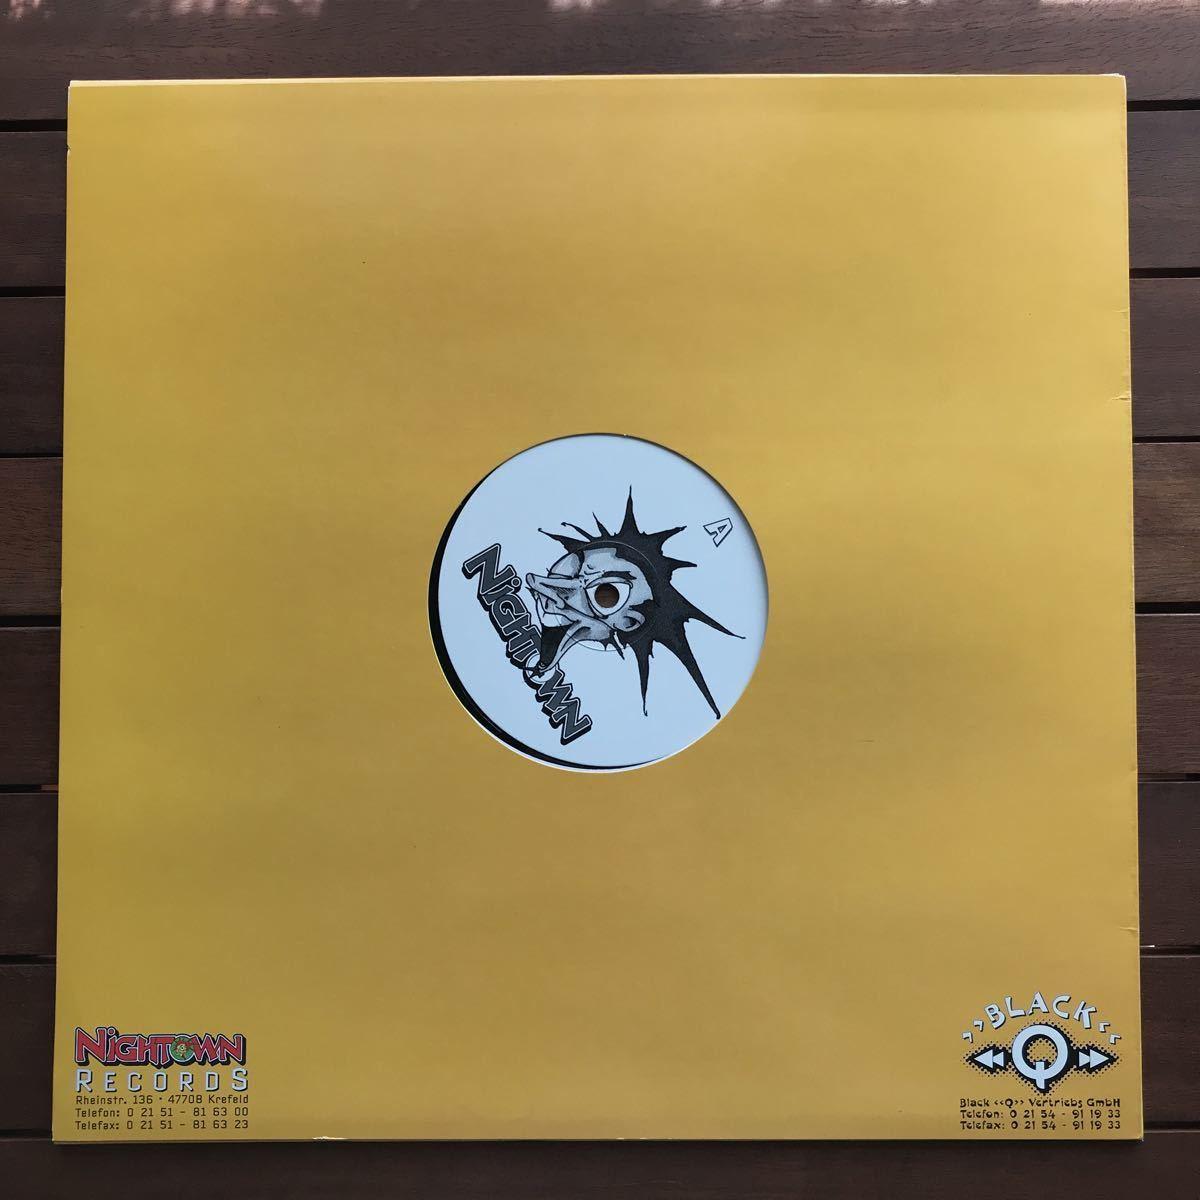 ●【eu-rap】Flip Da Scrip / Everybody Funk Now[12inch]オリジナル盤《4-1-4》promo nightown レーベル